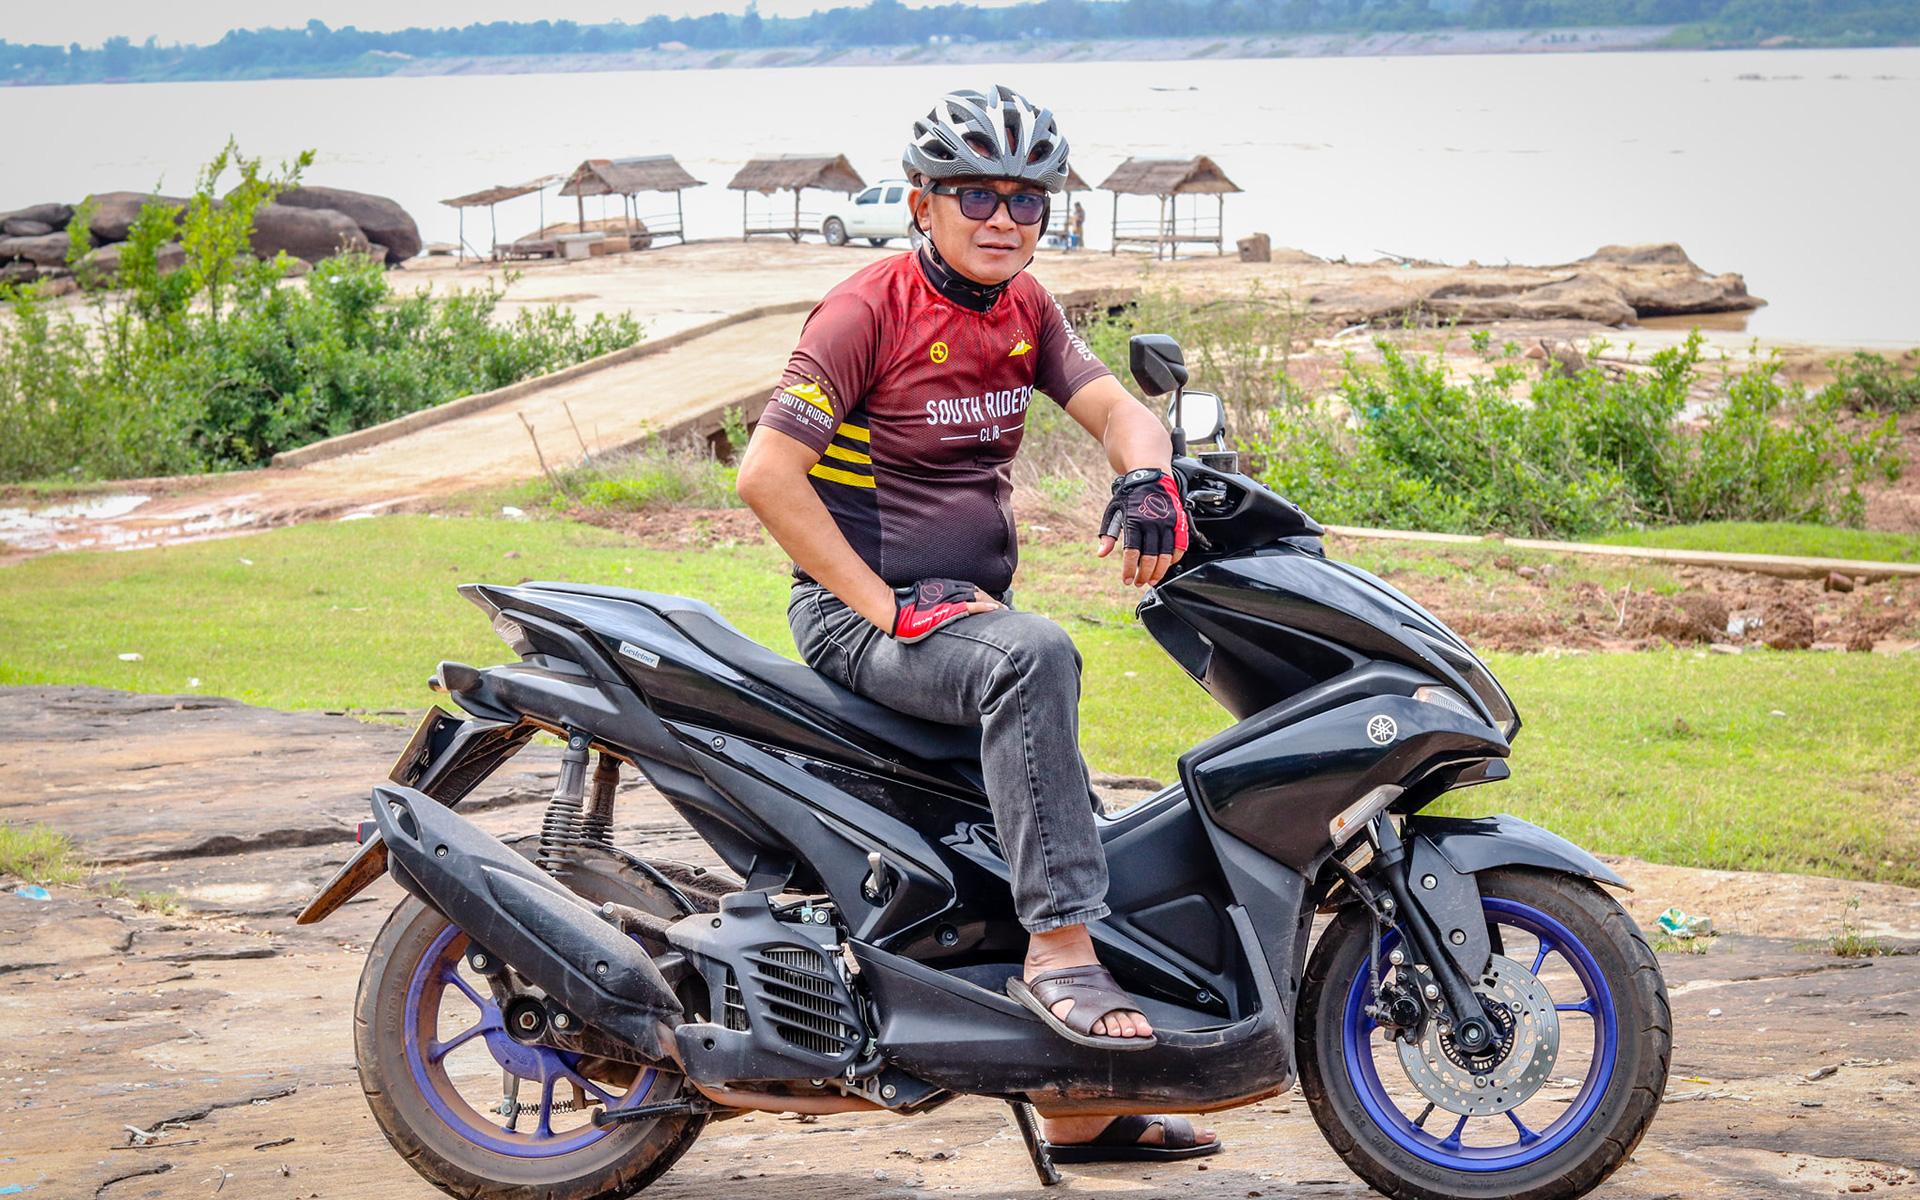 Motorbike in laos